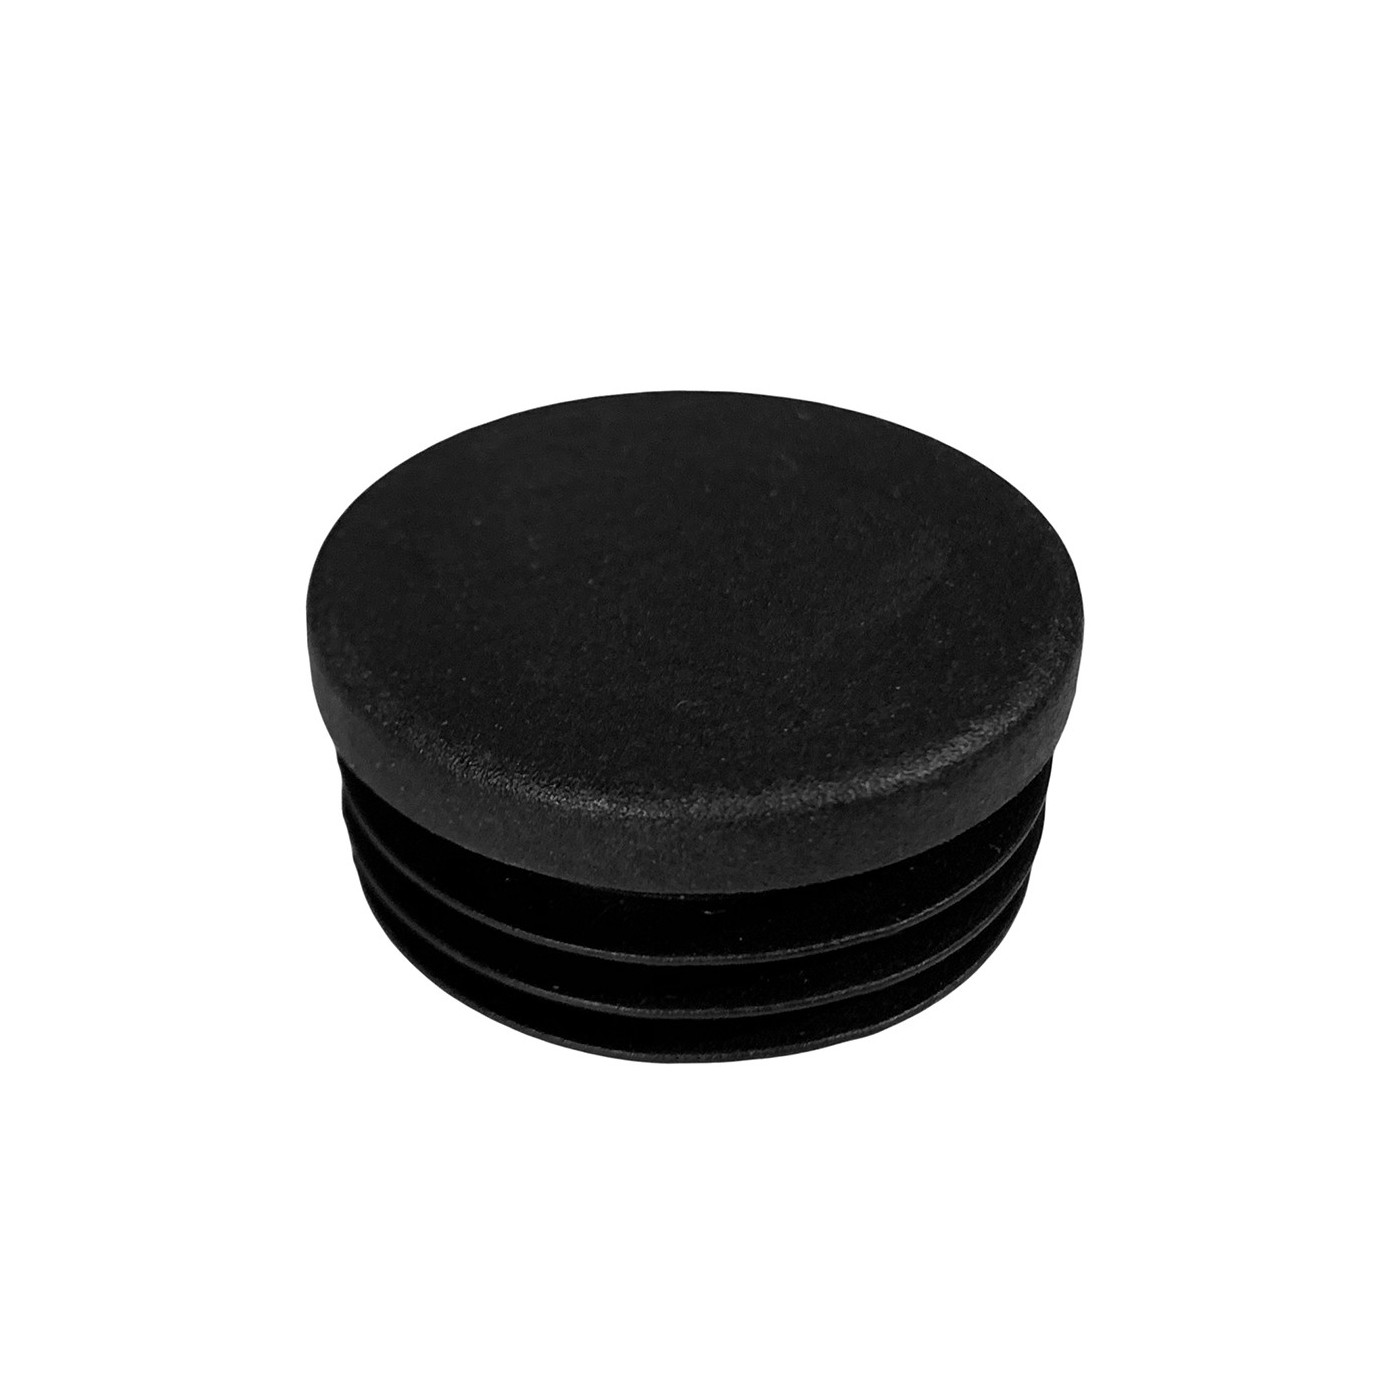 Set von 32 kunststoff Stuhlbeinkappen (Innenkappe, rund, 35 mm, schwarz) [I-RO-35-B]  - 1